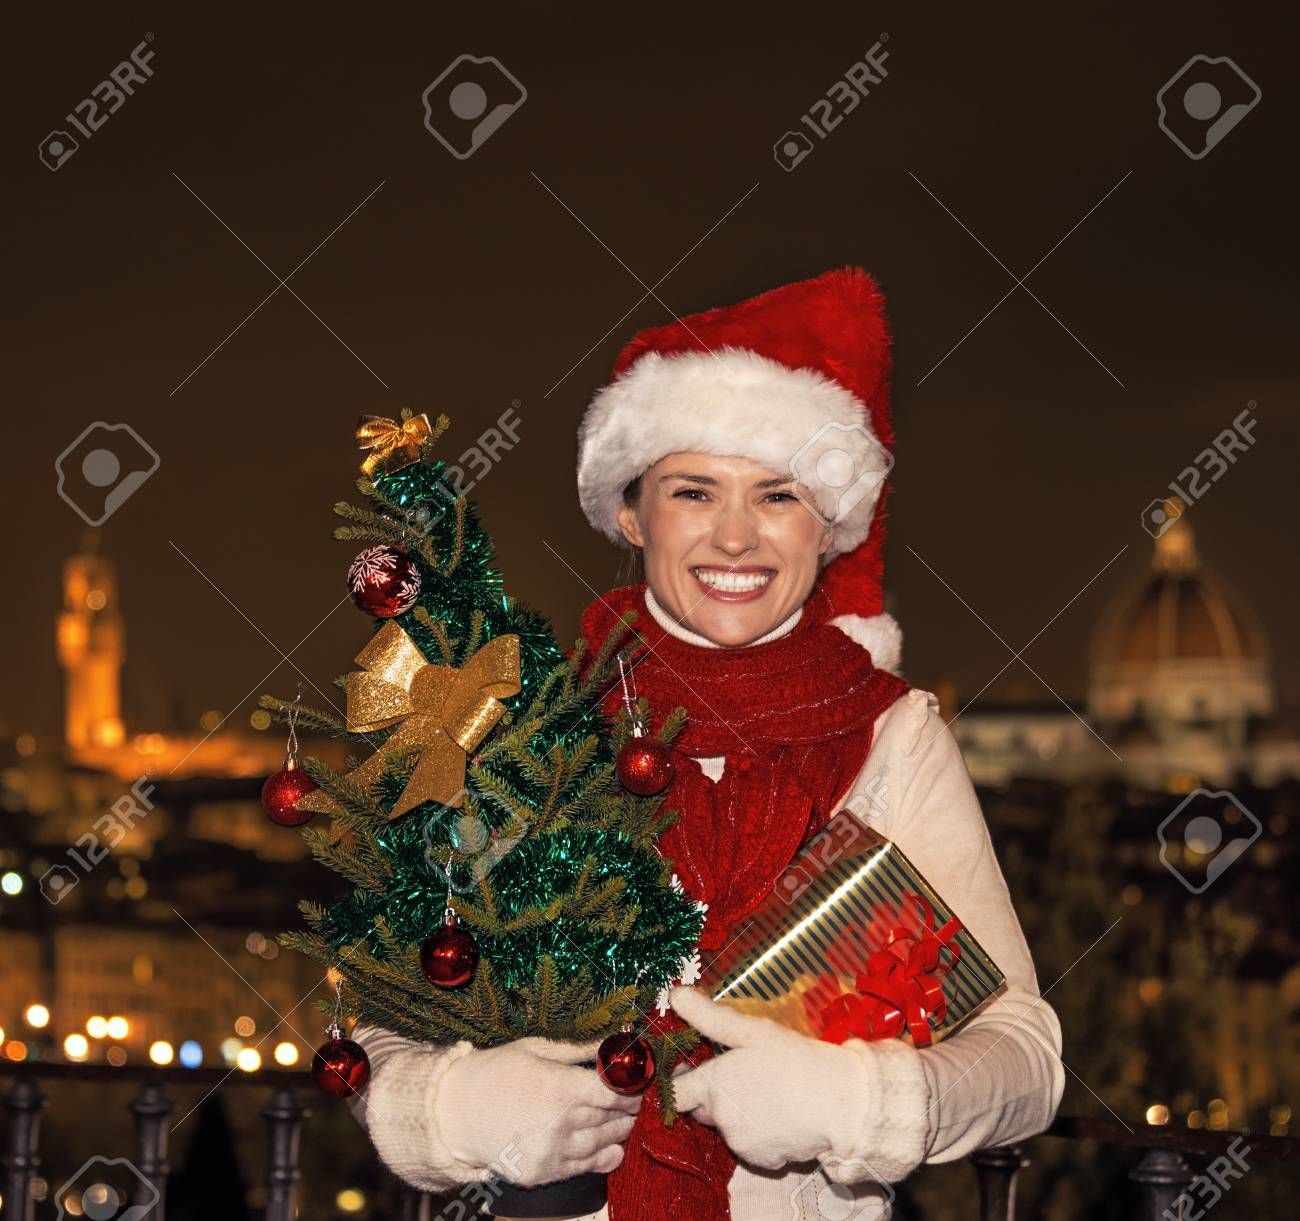 Reise Voller Inspiration Zur Weihnachtszeit In Florenz. Porträt Der ...